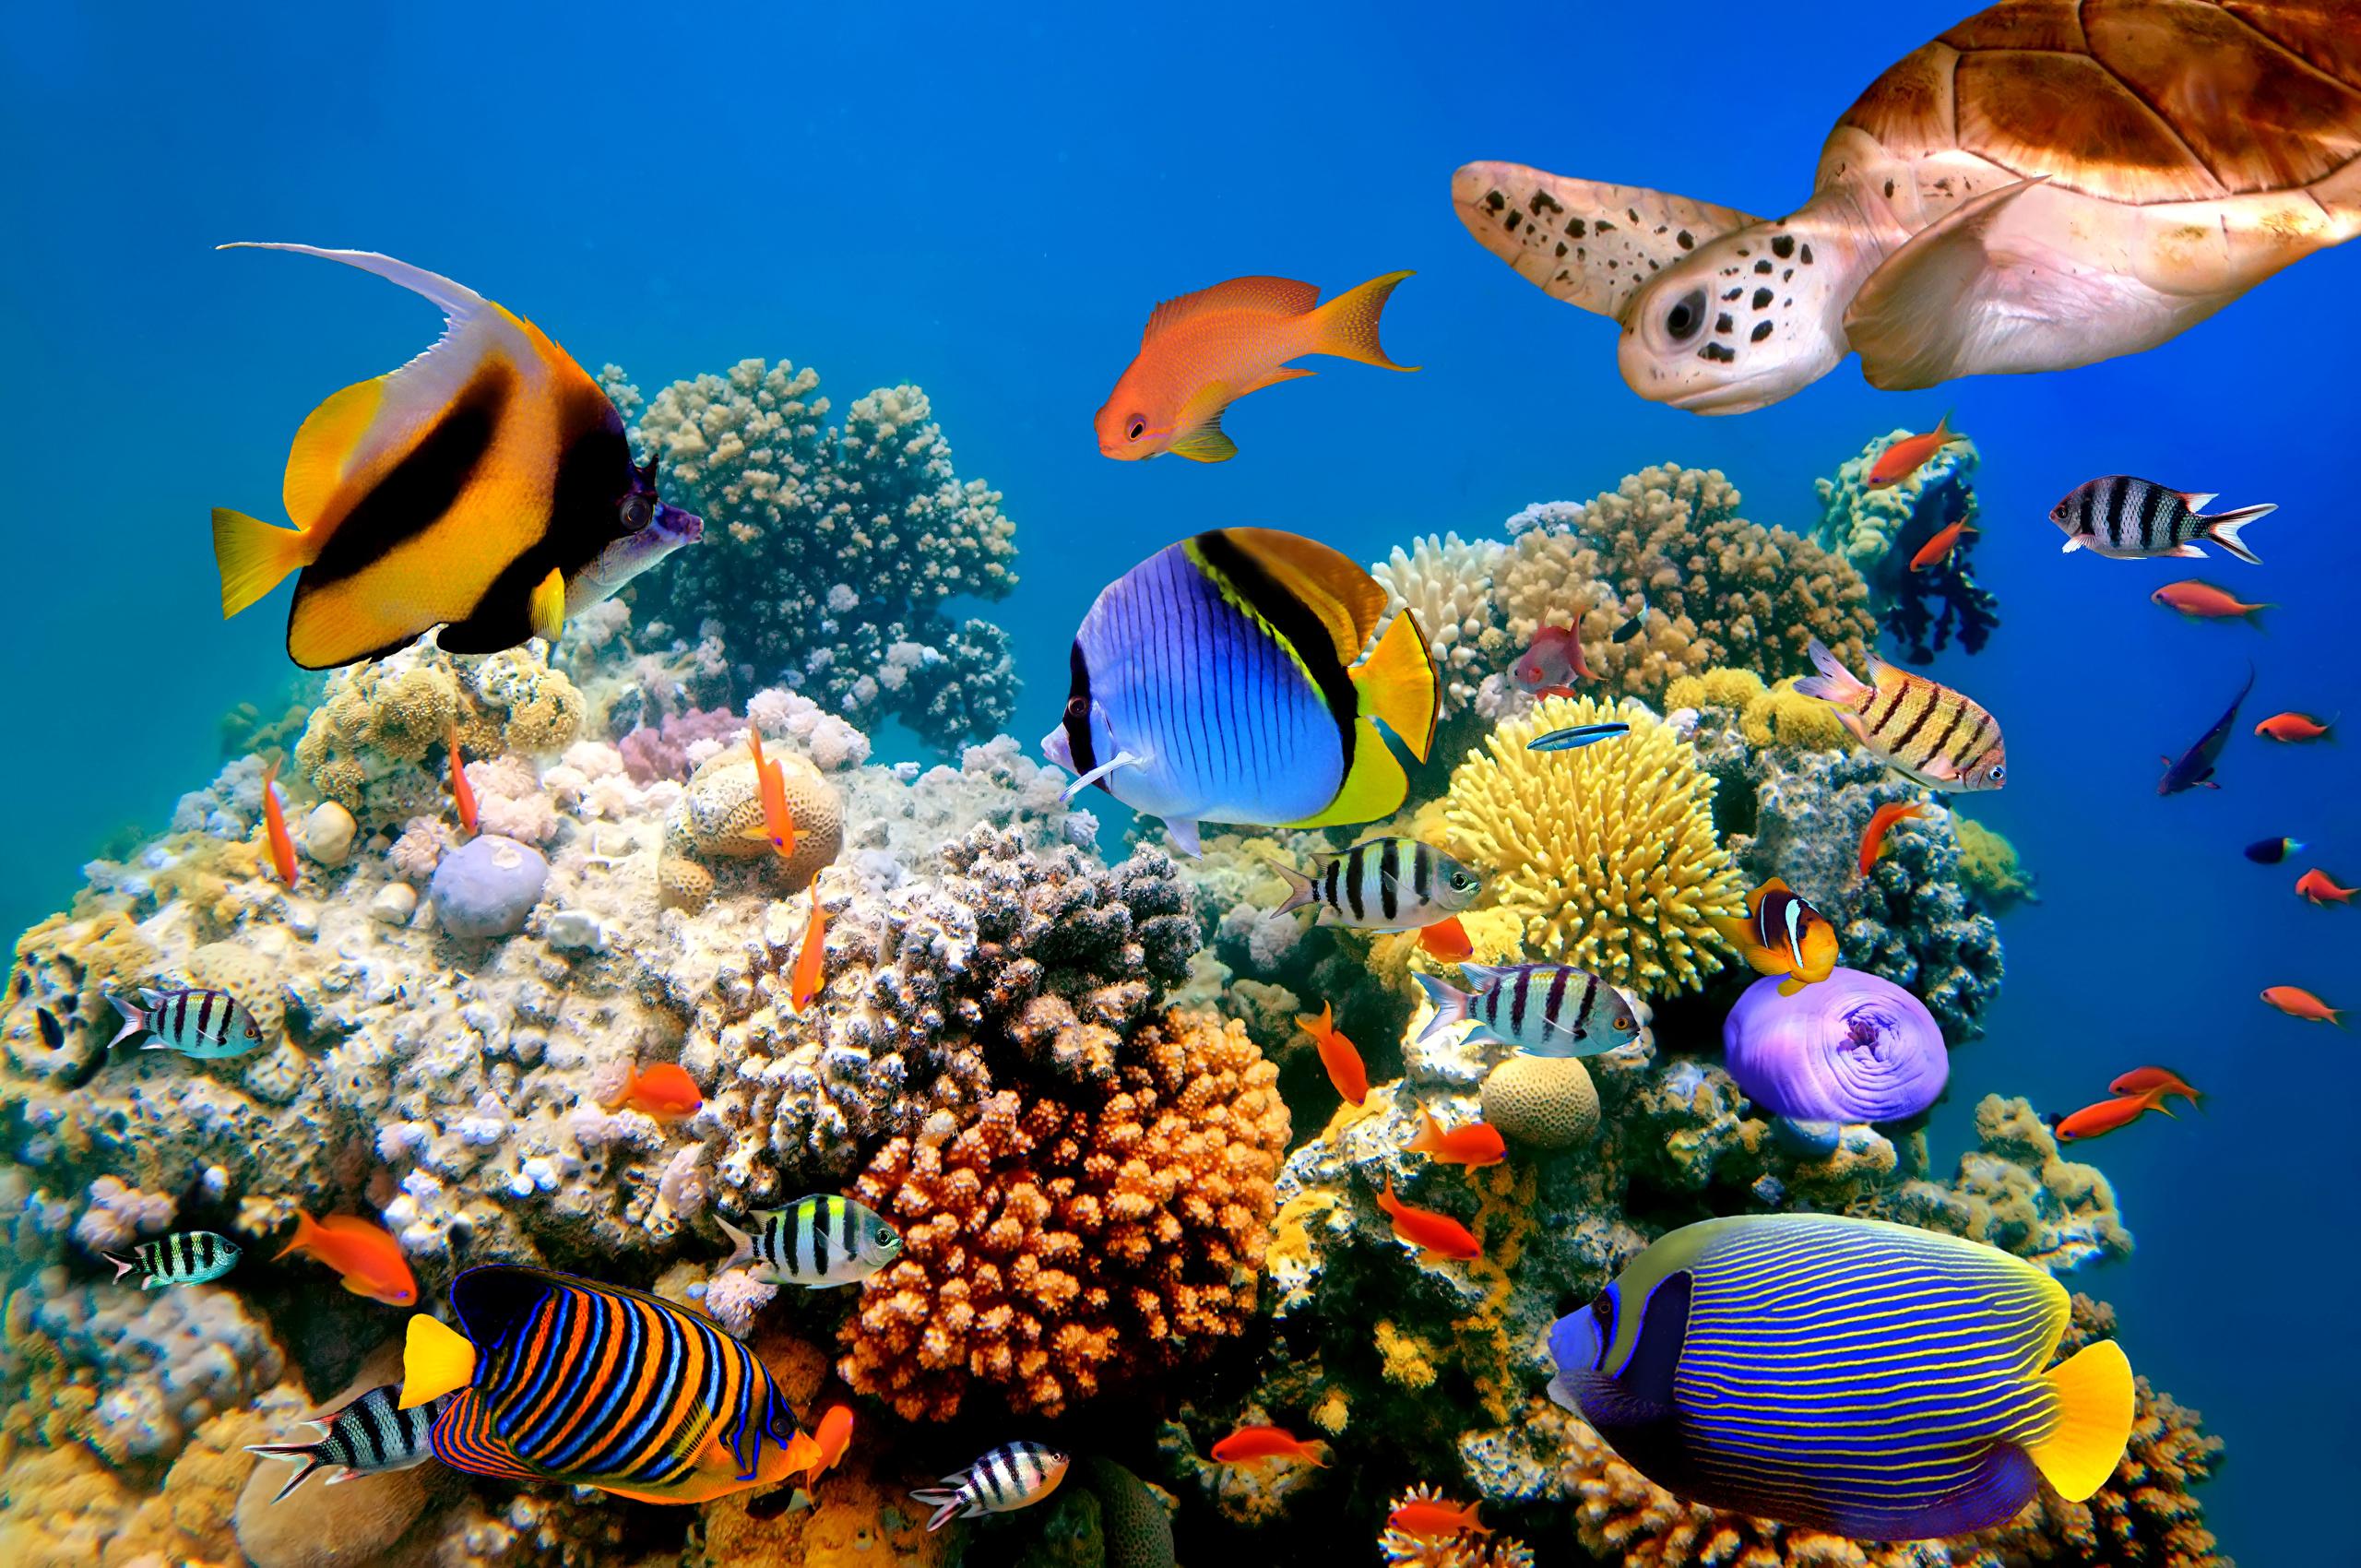 Яркие краски подводного мира  № 618857 загрузить